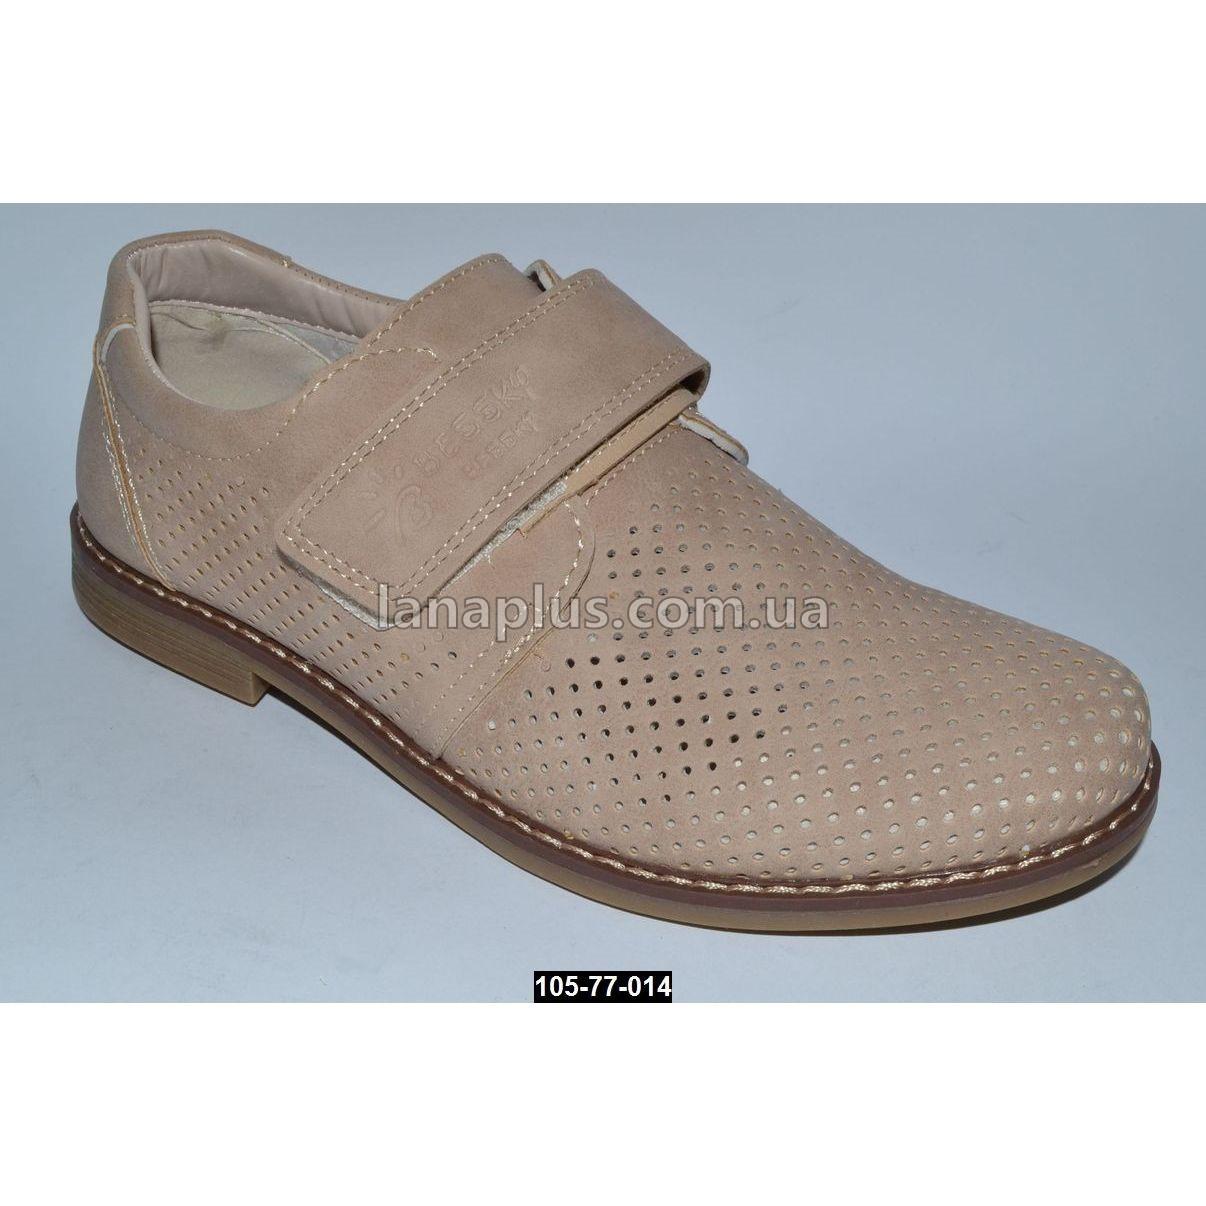 Летние туфли для мальчика, 36 размер (23.3 см), супинатор, 105-77-014